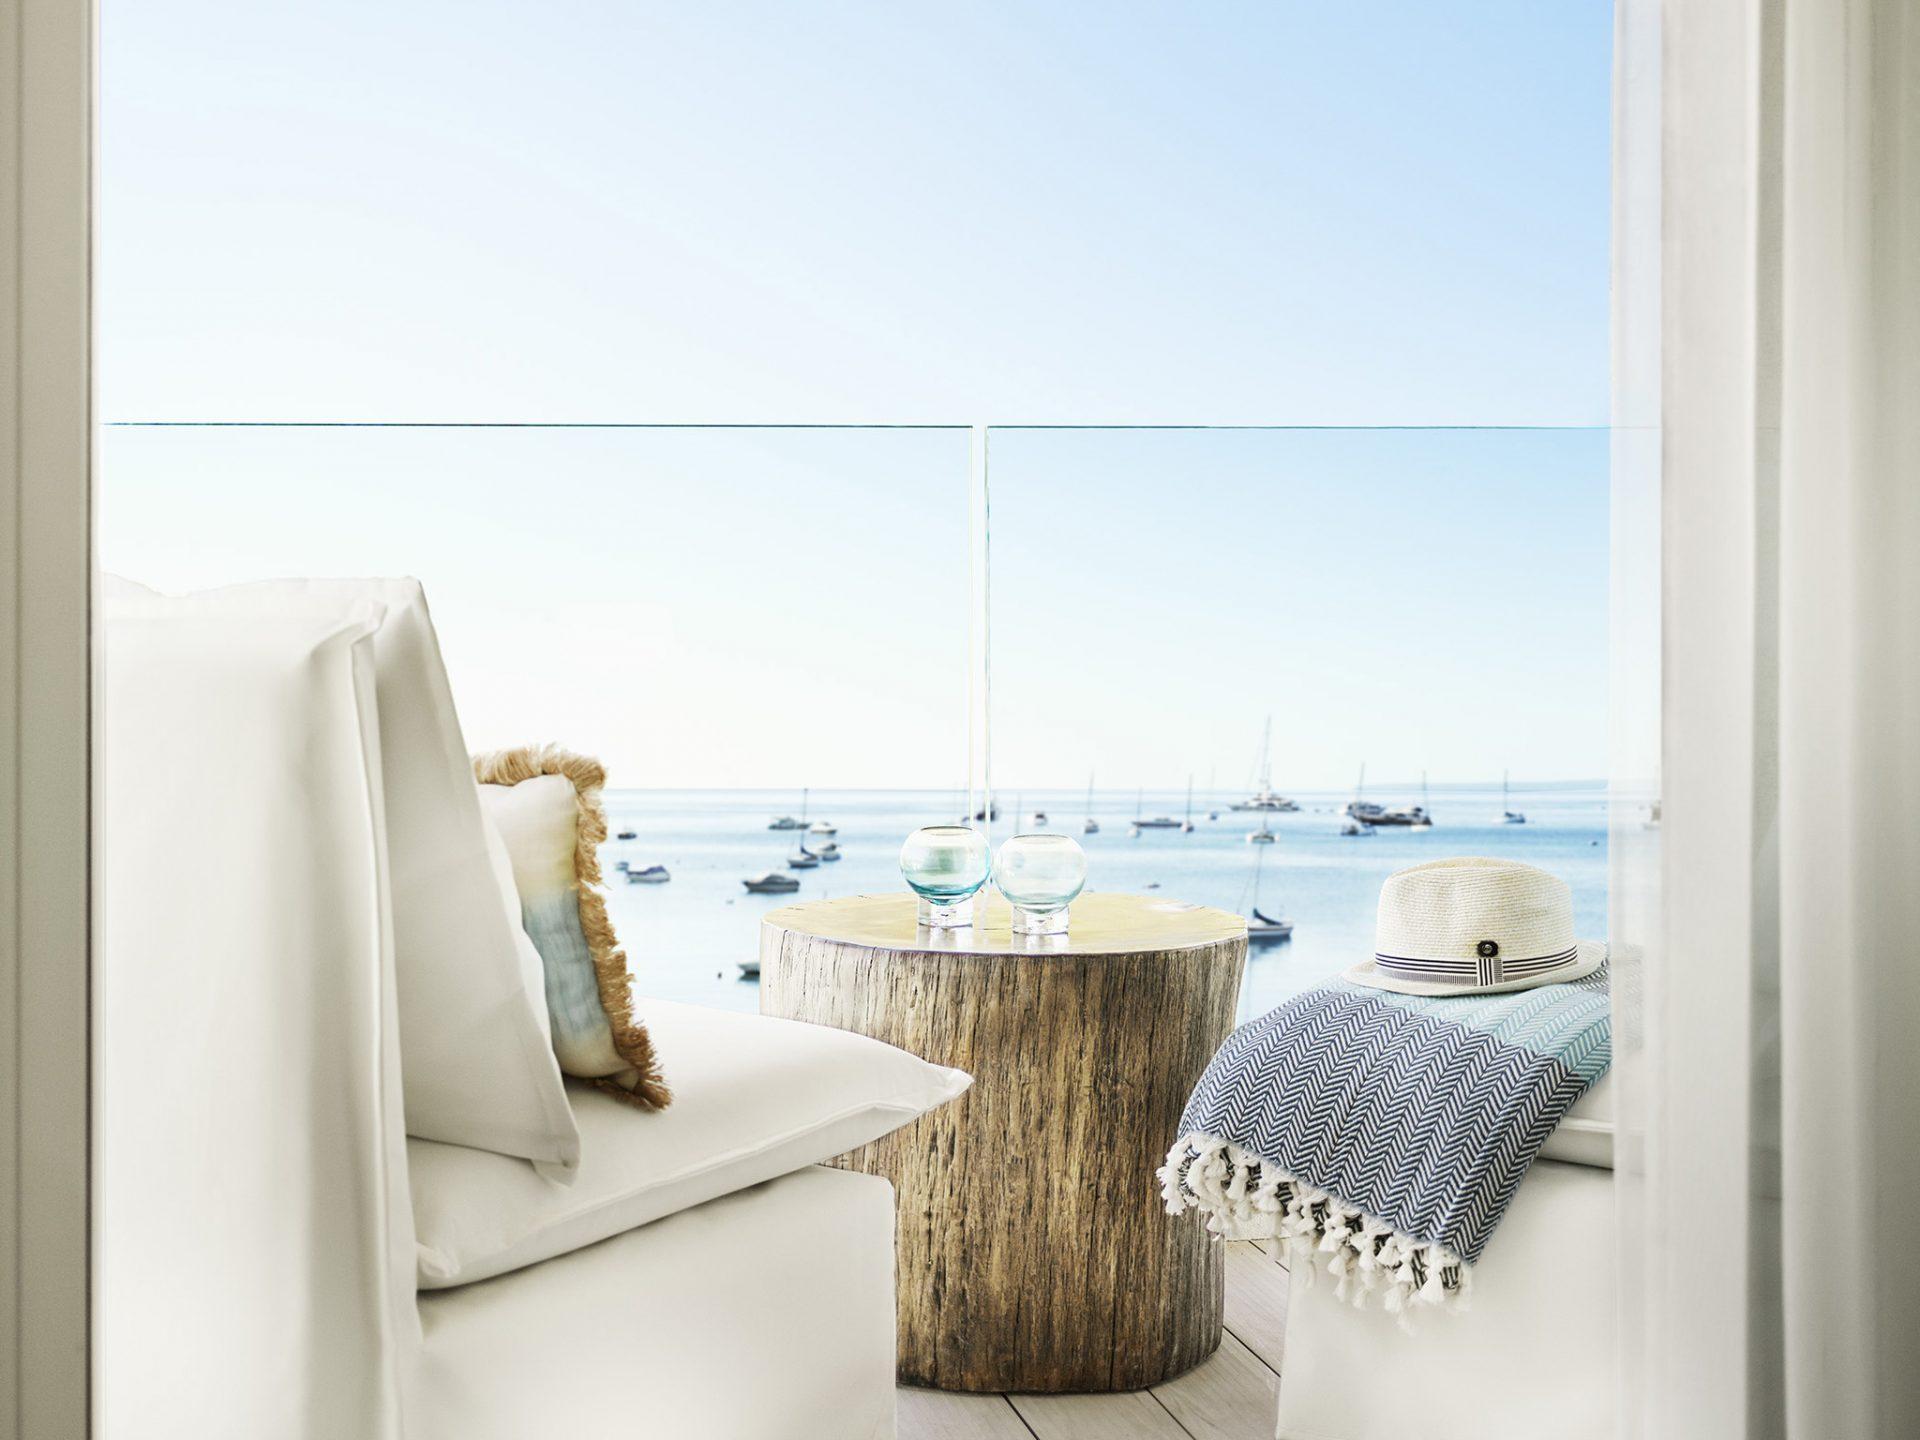 Deluxe Sea View Room Balcony